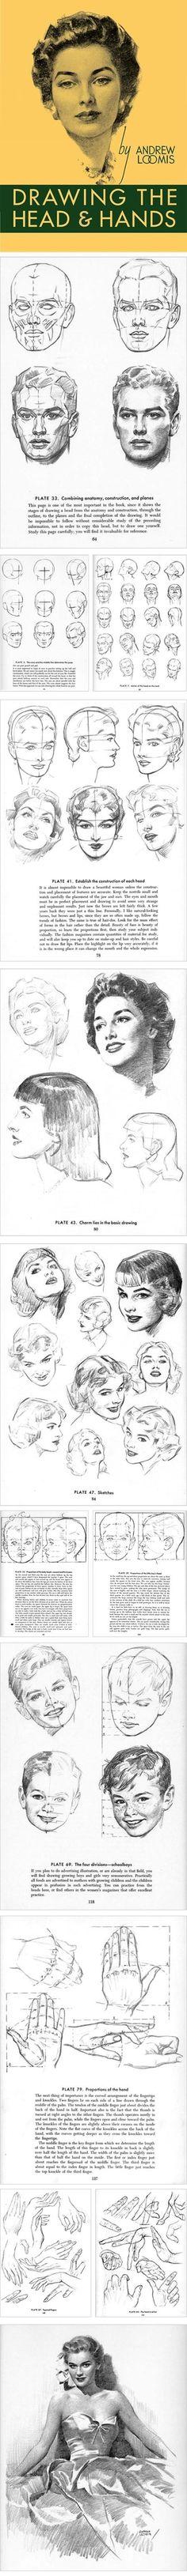 Wie zeichnet man Gesichter und Hände das erstaunlichste Buch empfohlen von meiner Universität, dieses Buch zu erhalten. Und hier ist es fantastisch. 3625  32 32 zeichnen lernen